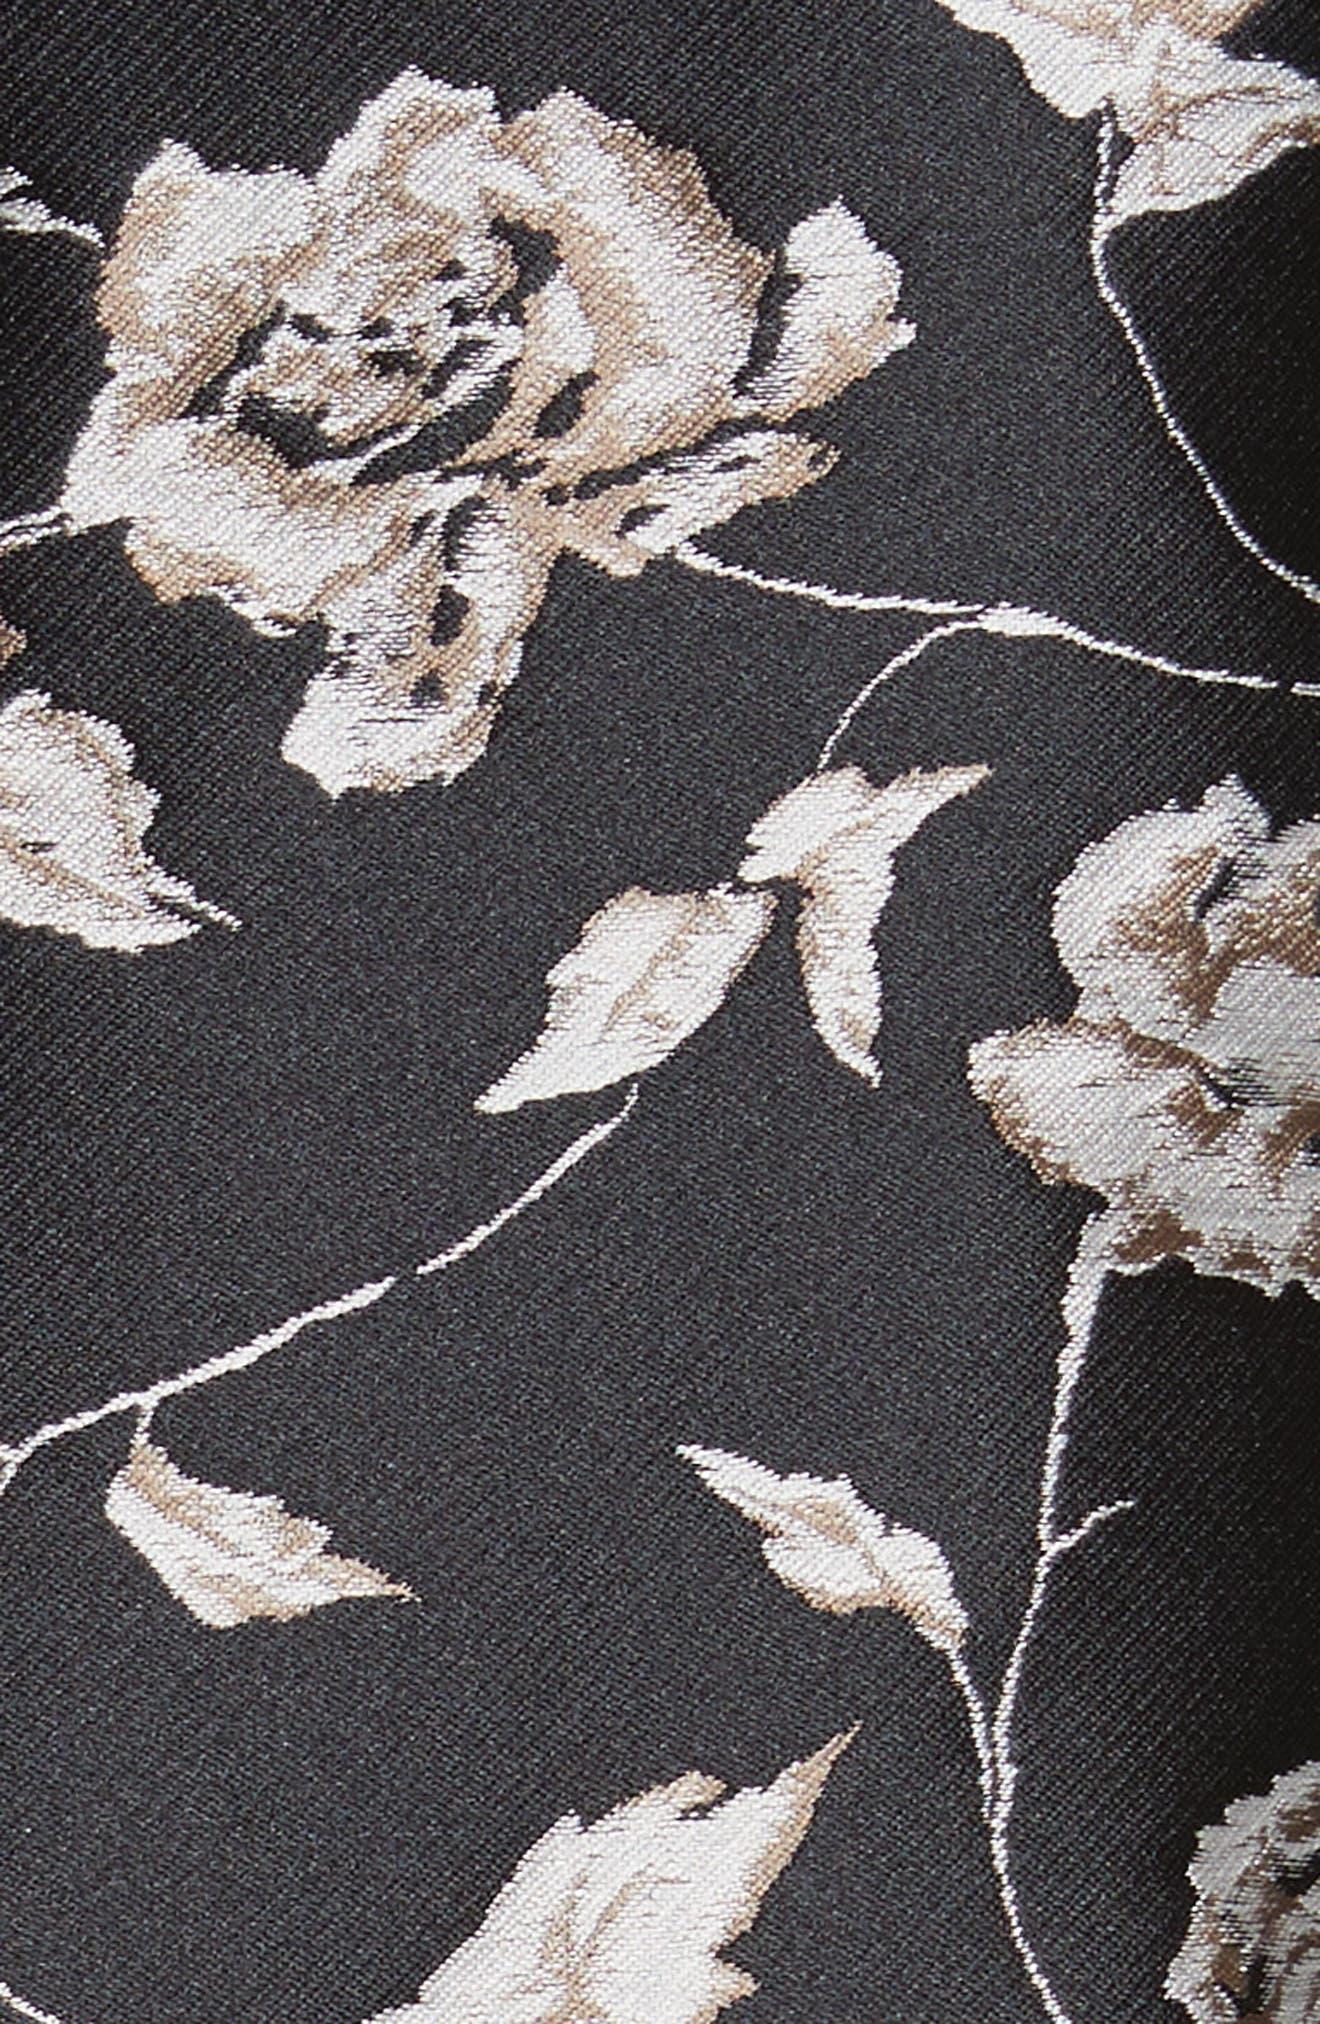 Carmen Marc Valvo Floral Jacquard Jacket,                             Alternate thumbnail 6, color,                             Black